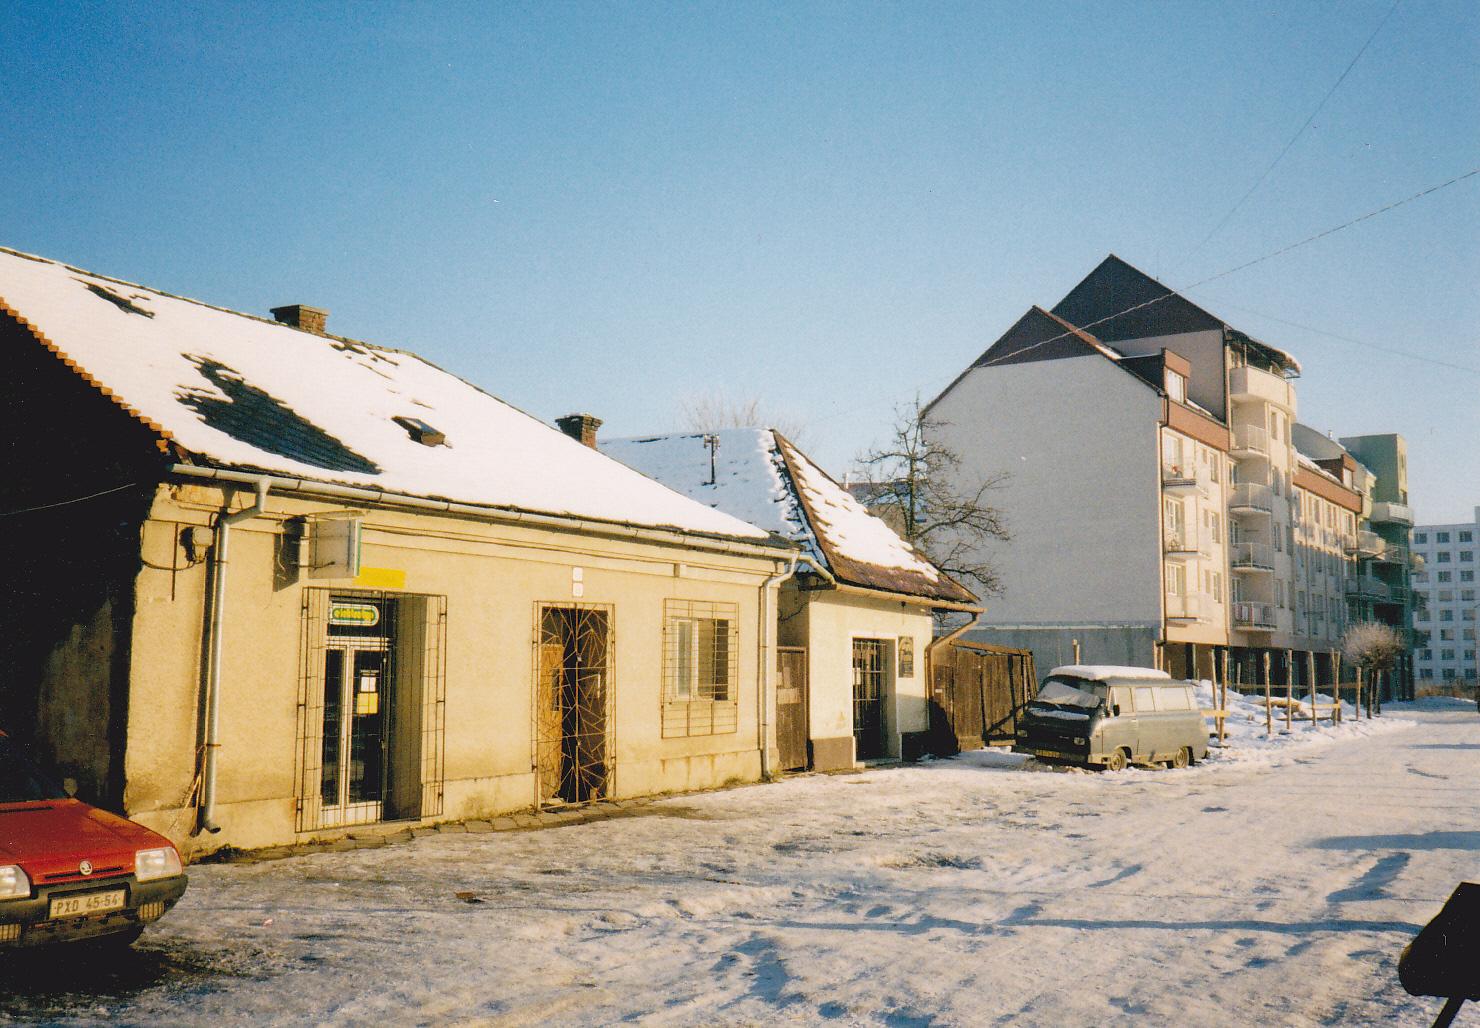 Posledné domy na Moravskej ulici v Púchove v r. 2002, ktoré počas rekonštrukcie ulice nahradili polyfunkčné bytovky